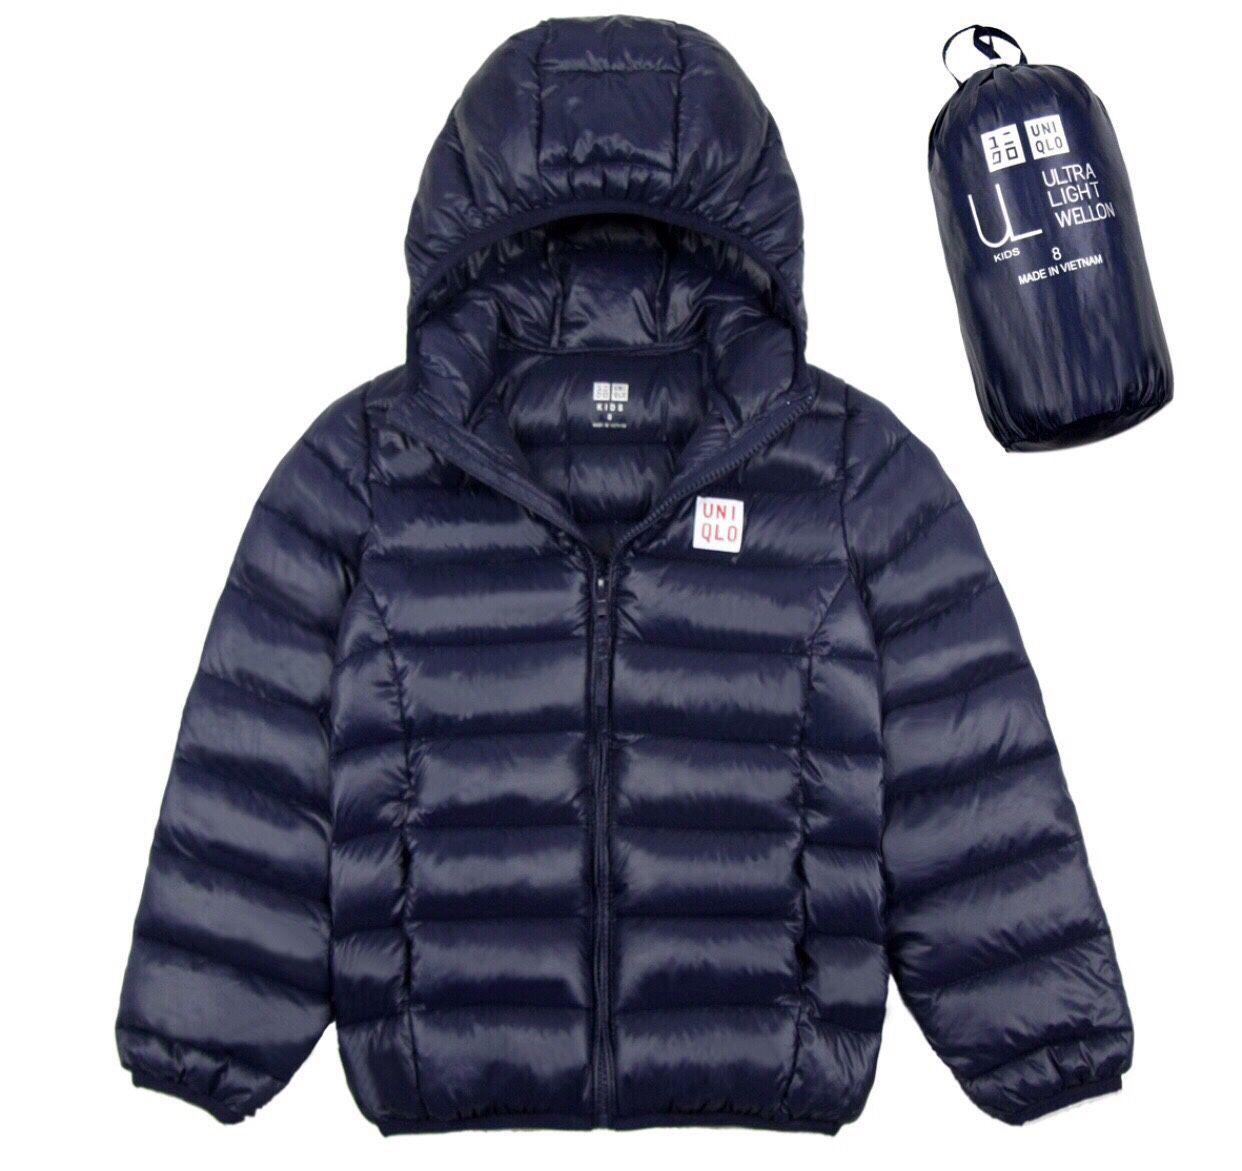 Áo khoác phao bé trai bỏ túi màu đen (10-16 Tuổi)